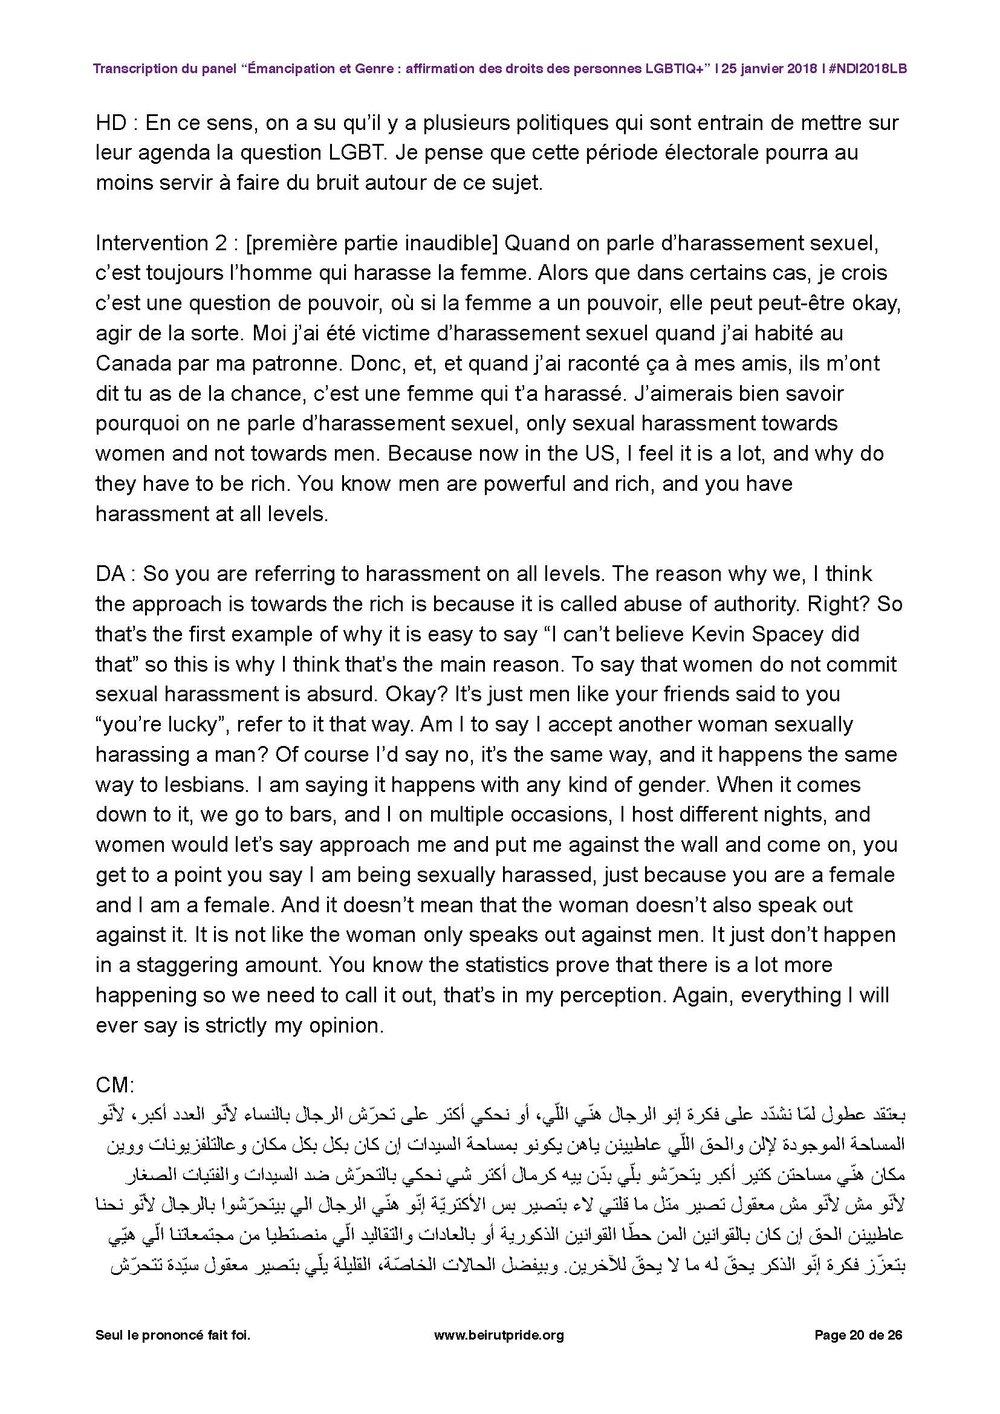 Transcription Nuit des idées 2018_Page_20.jpg